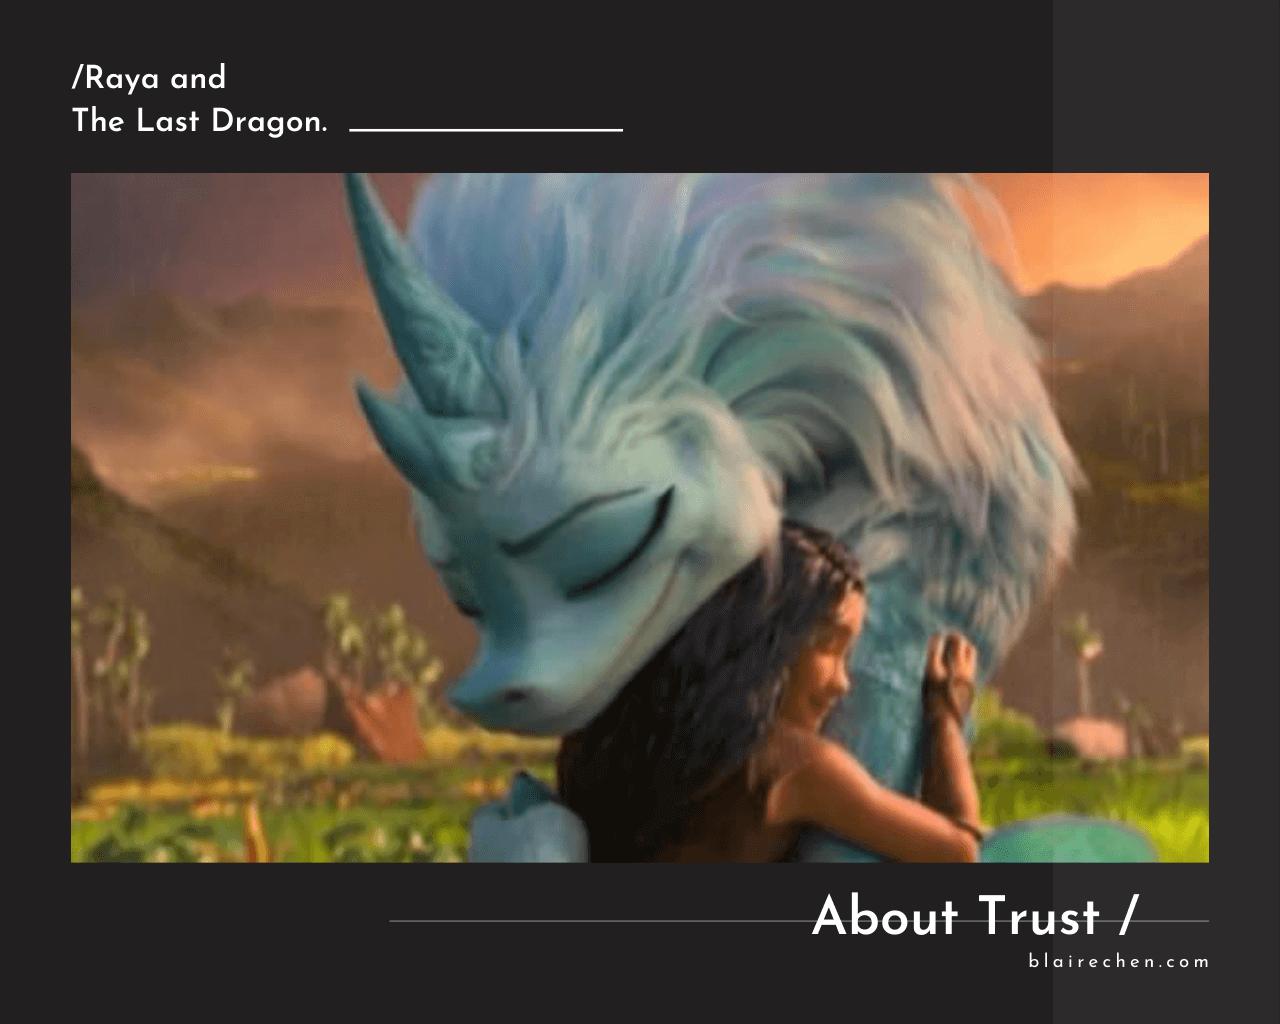 你看《尋龍使者:拉雅》了嗎?心態建立、勇敢再來,我們來聊聊信任吧!